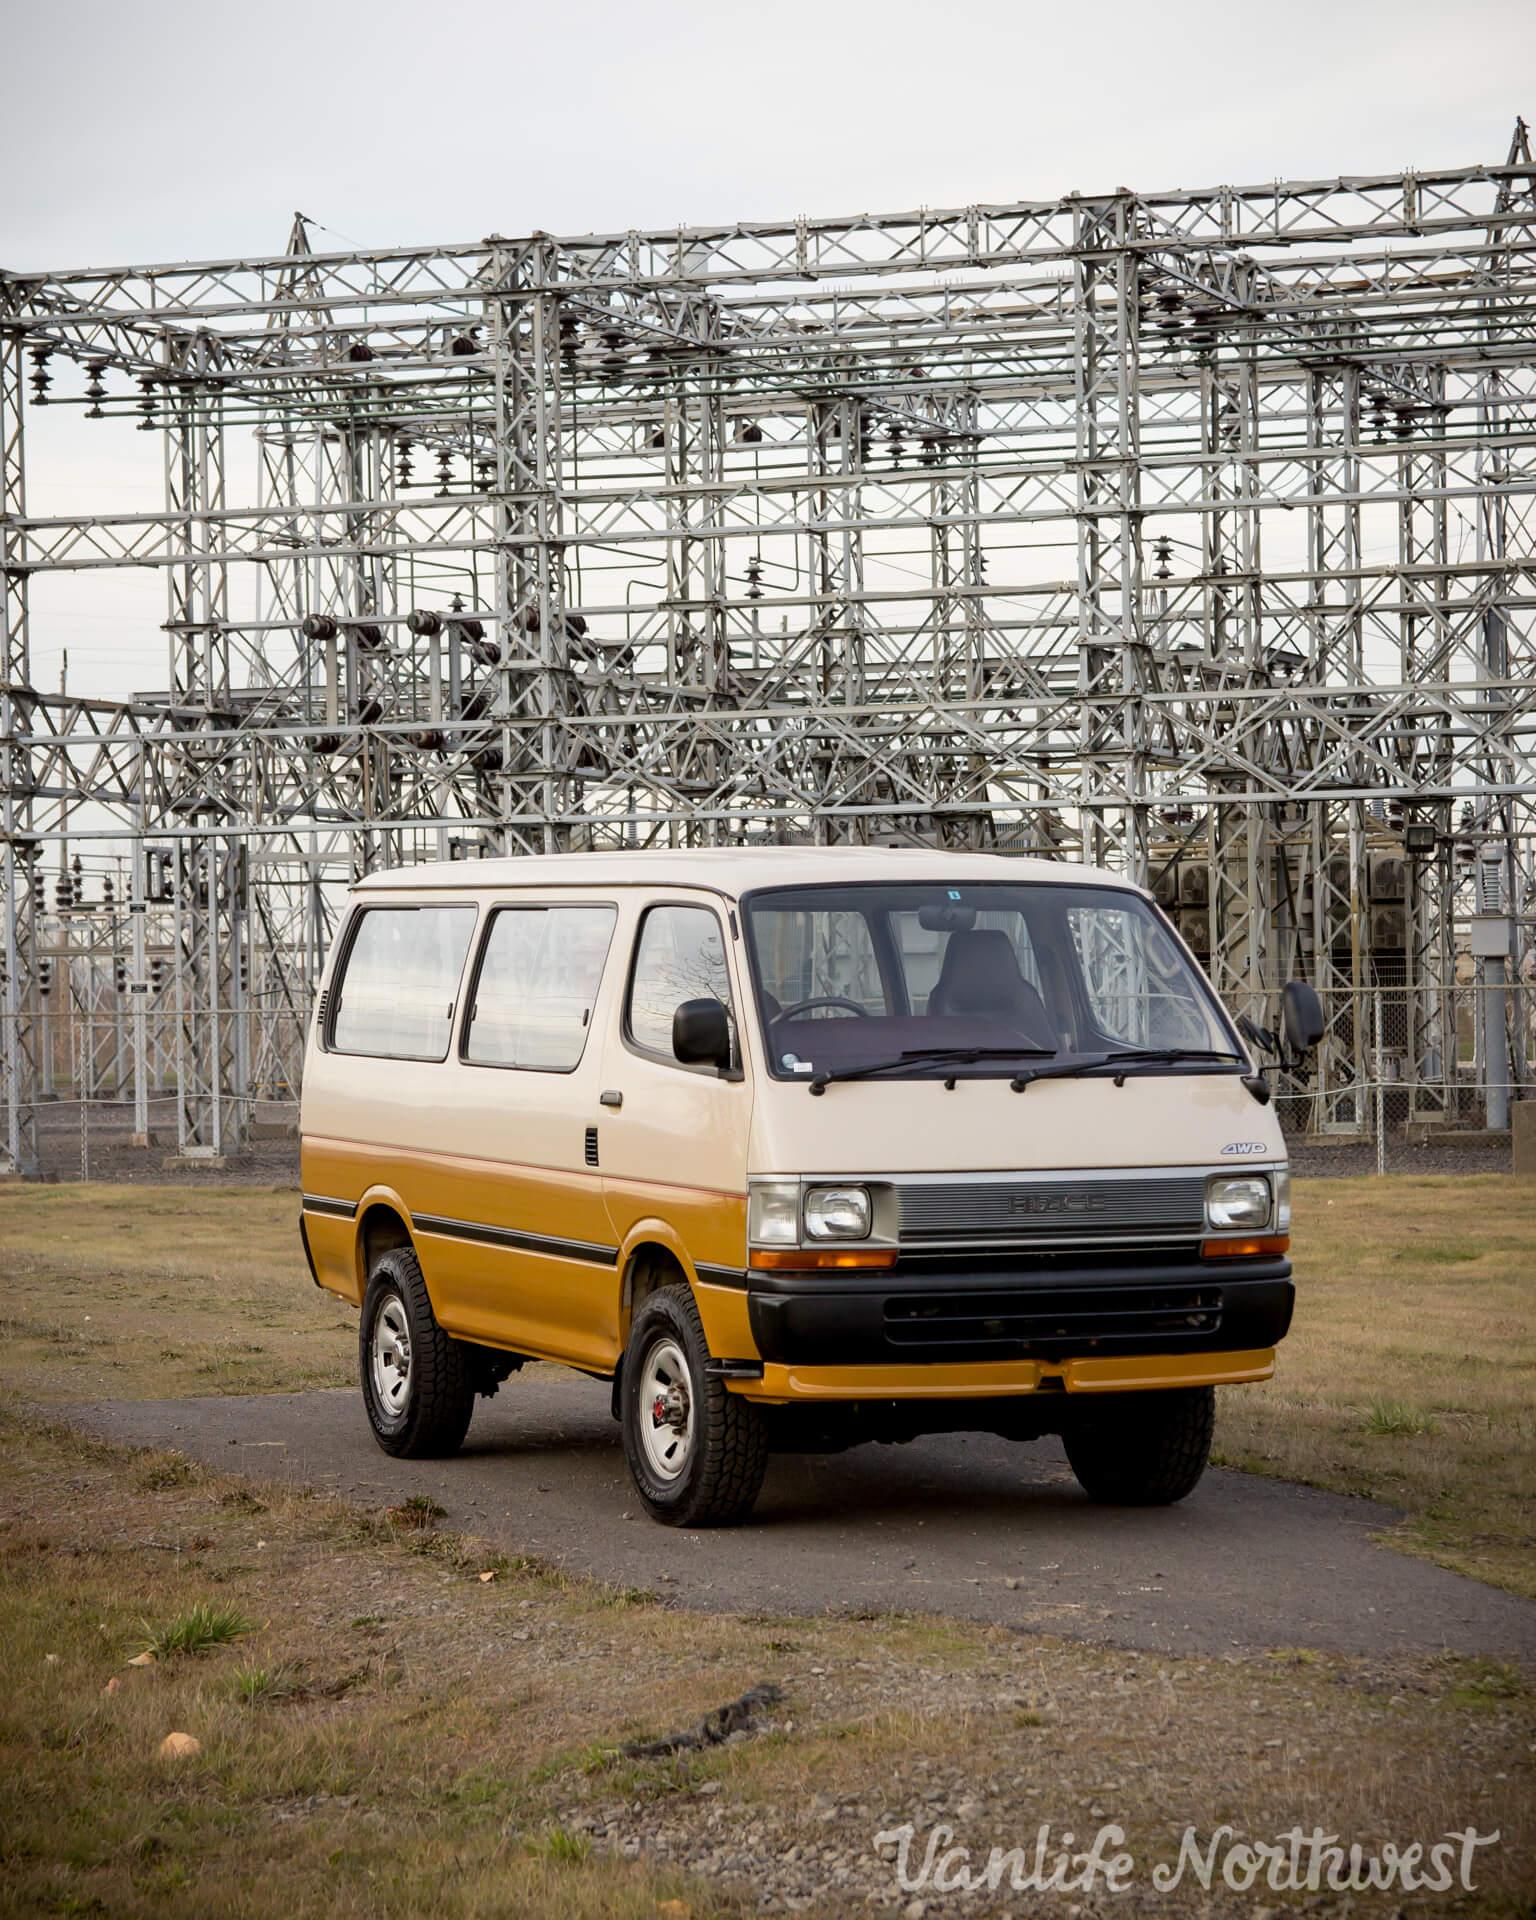 ToyotaHiaceLH117Aric-5.jpg